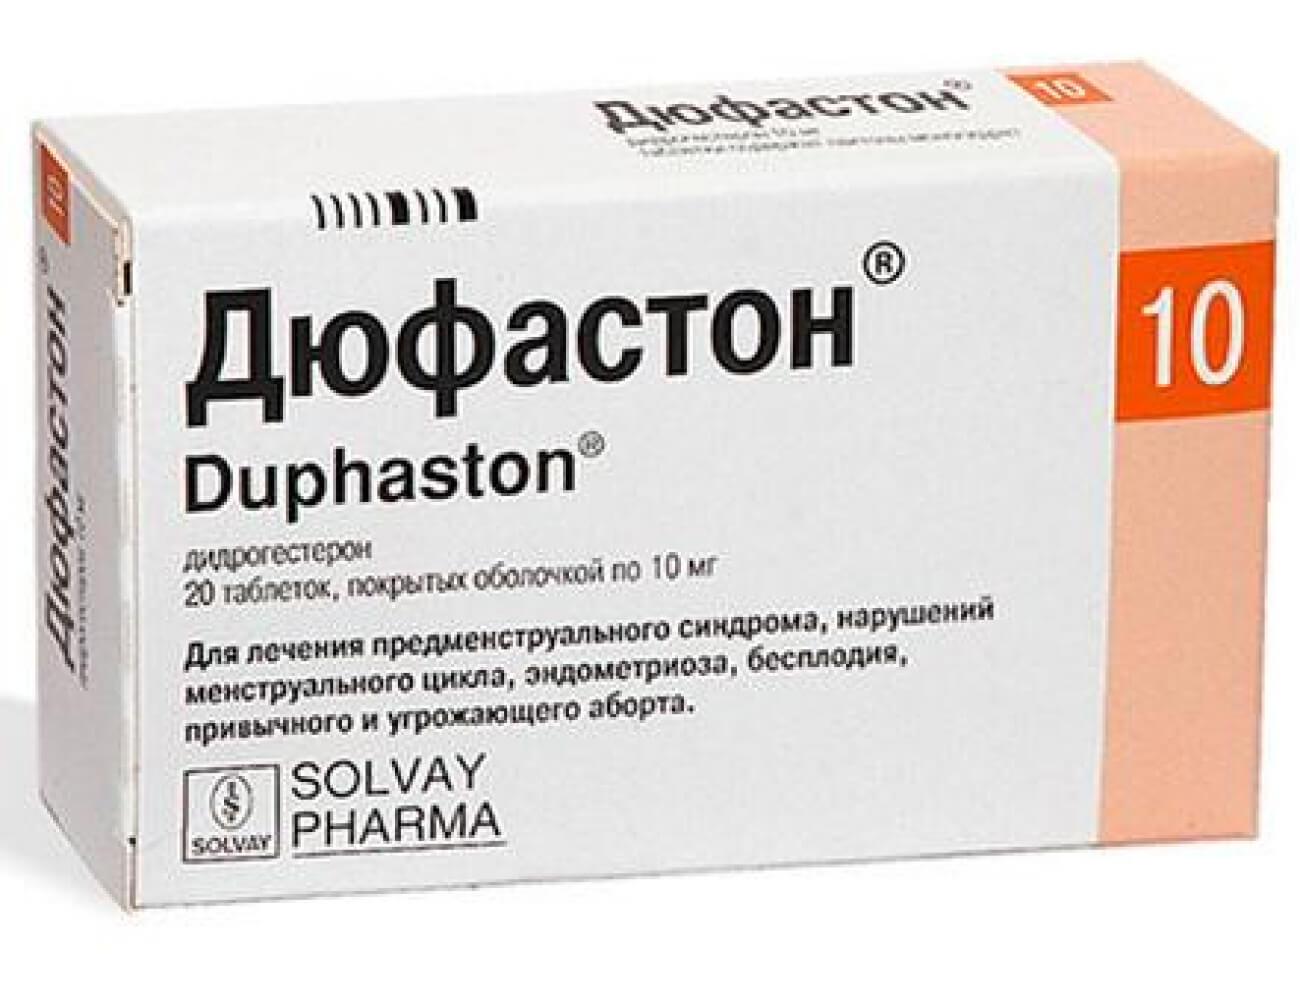 Признаки беременности при приеме дюфастона